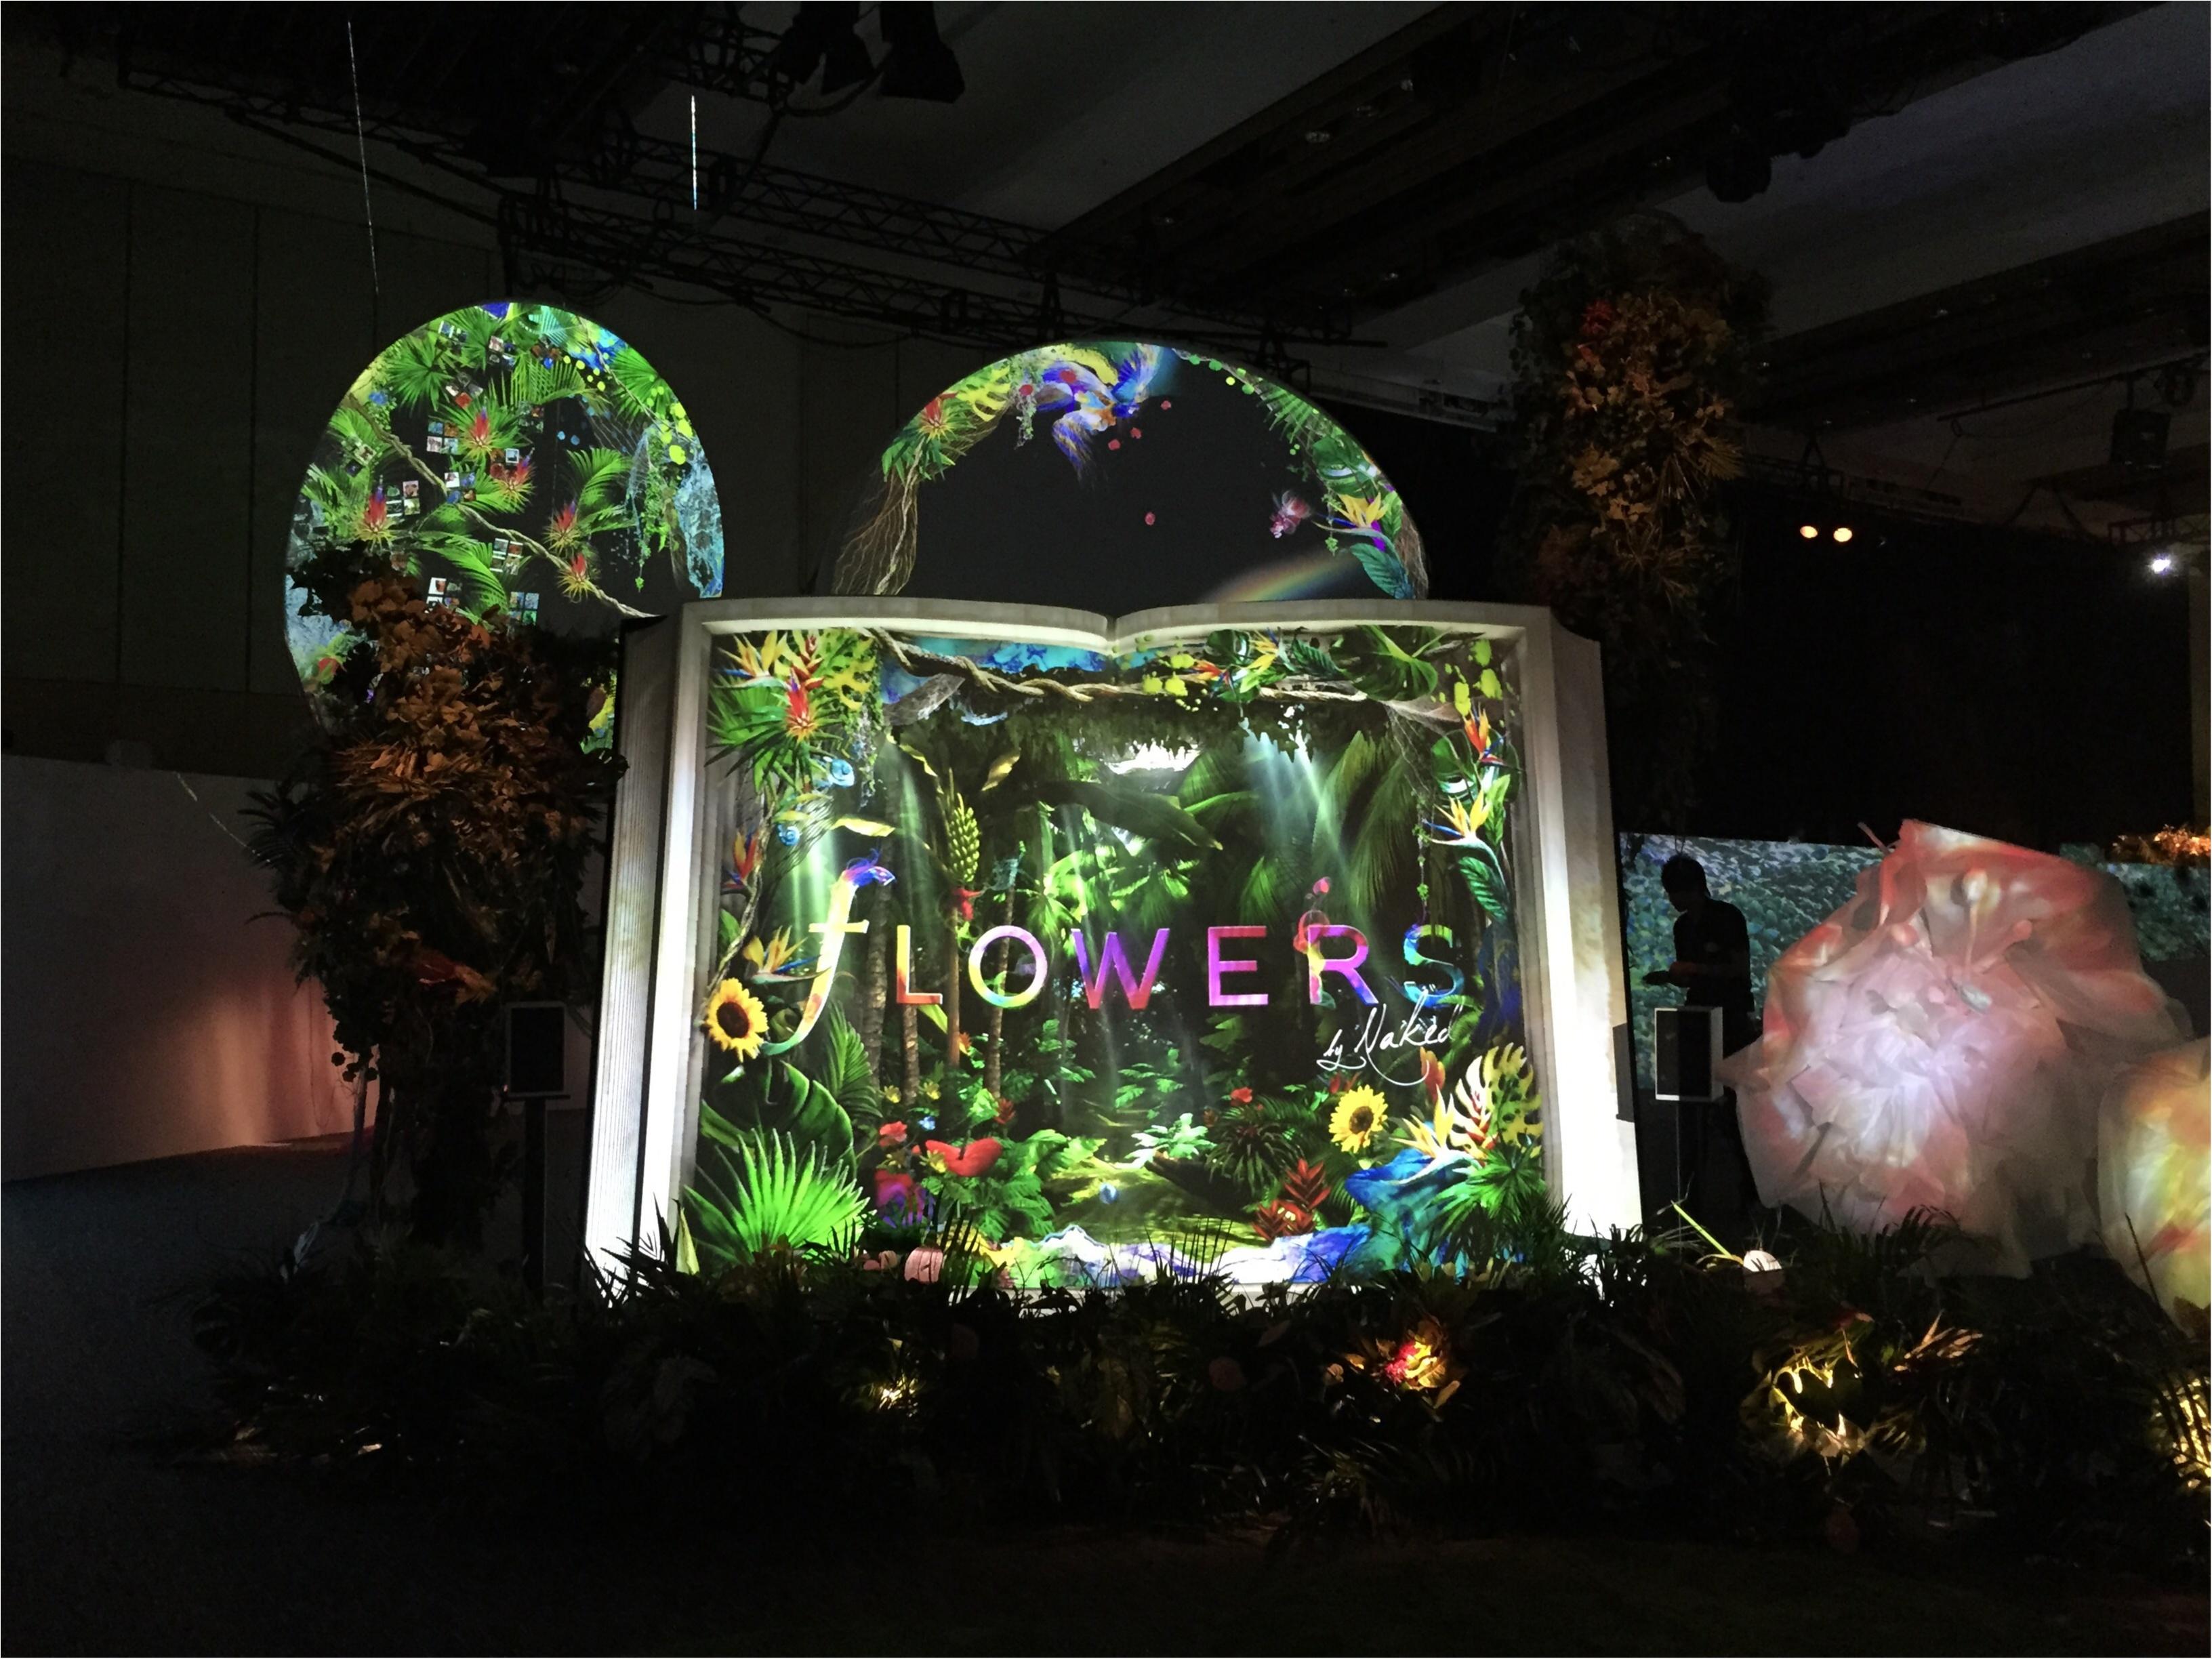 【8/31まで】五感で楽しむ花の楽園《*FLOWERS BY NAKED*》に行ってきました♪♪他にもNAKEDに出会える場所を紹介☆_1